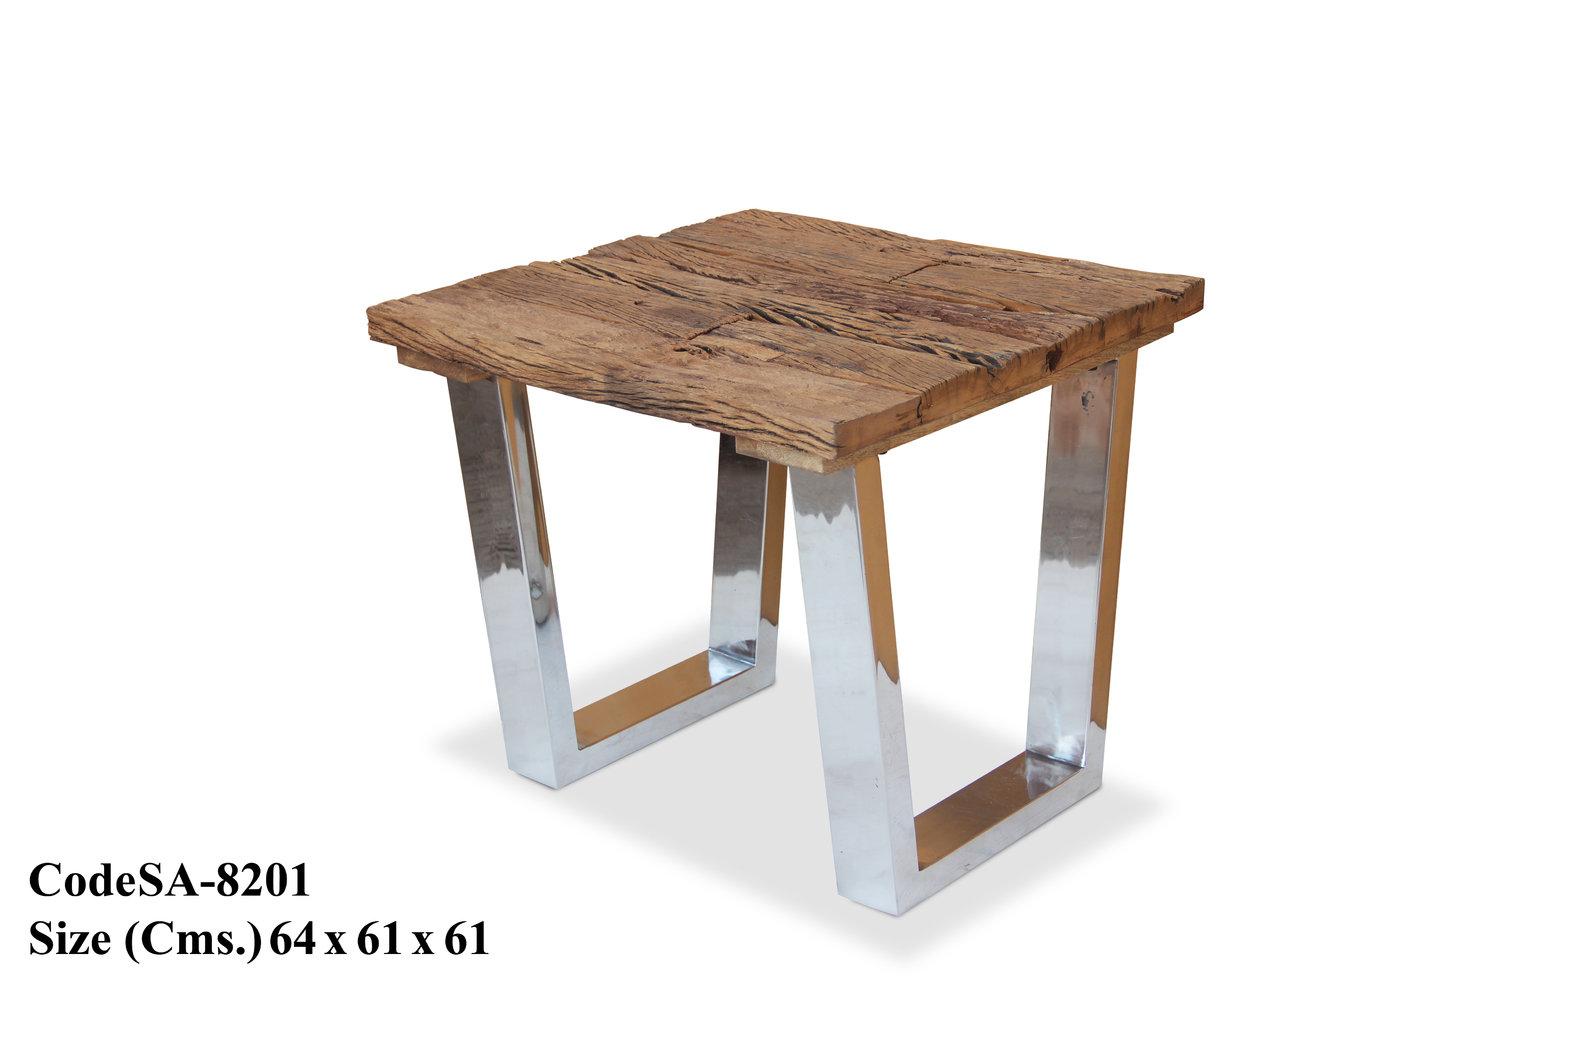 Full Size of Kleiner Esstisch Tisch Sofa Für Wildeiche Ausziehbarer Runder Ausziehbar Weiß Günstig Kleine Esstische Glas Rustikal Holz Kaufen Massivholz Nussbaum Massiv Esstische Kleiner Esstisch